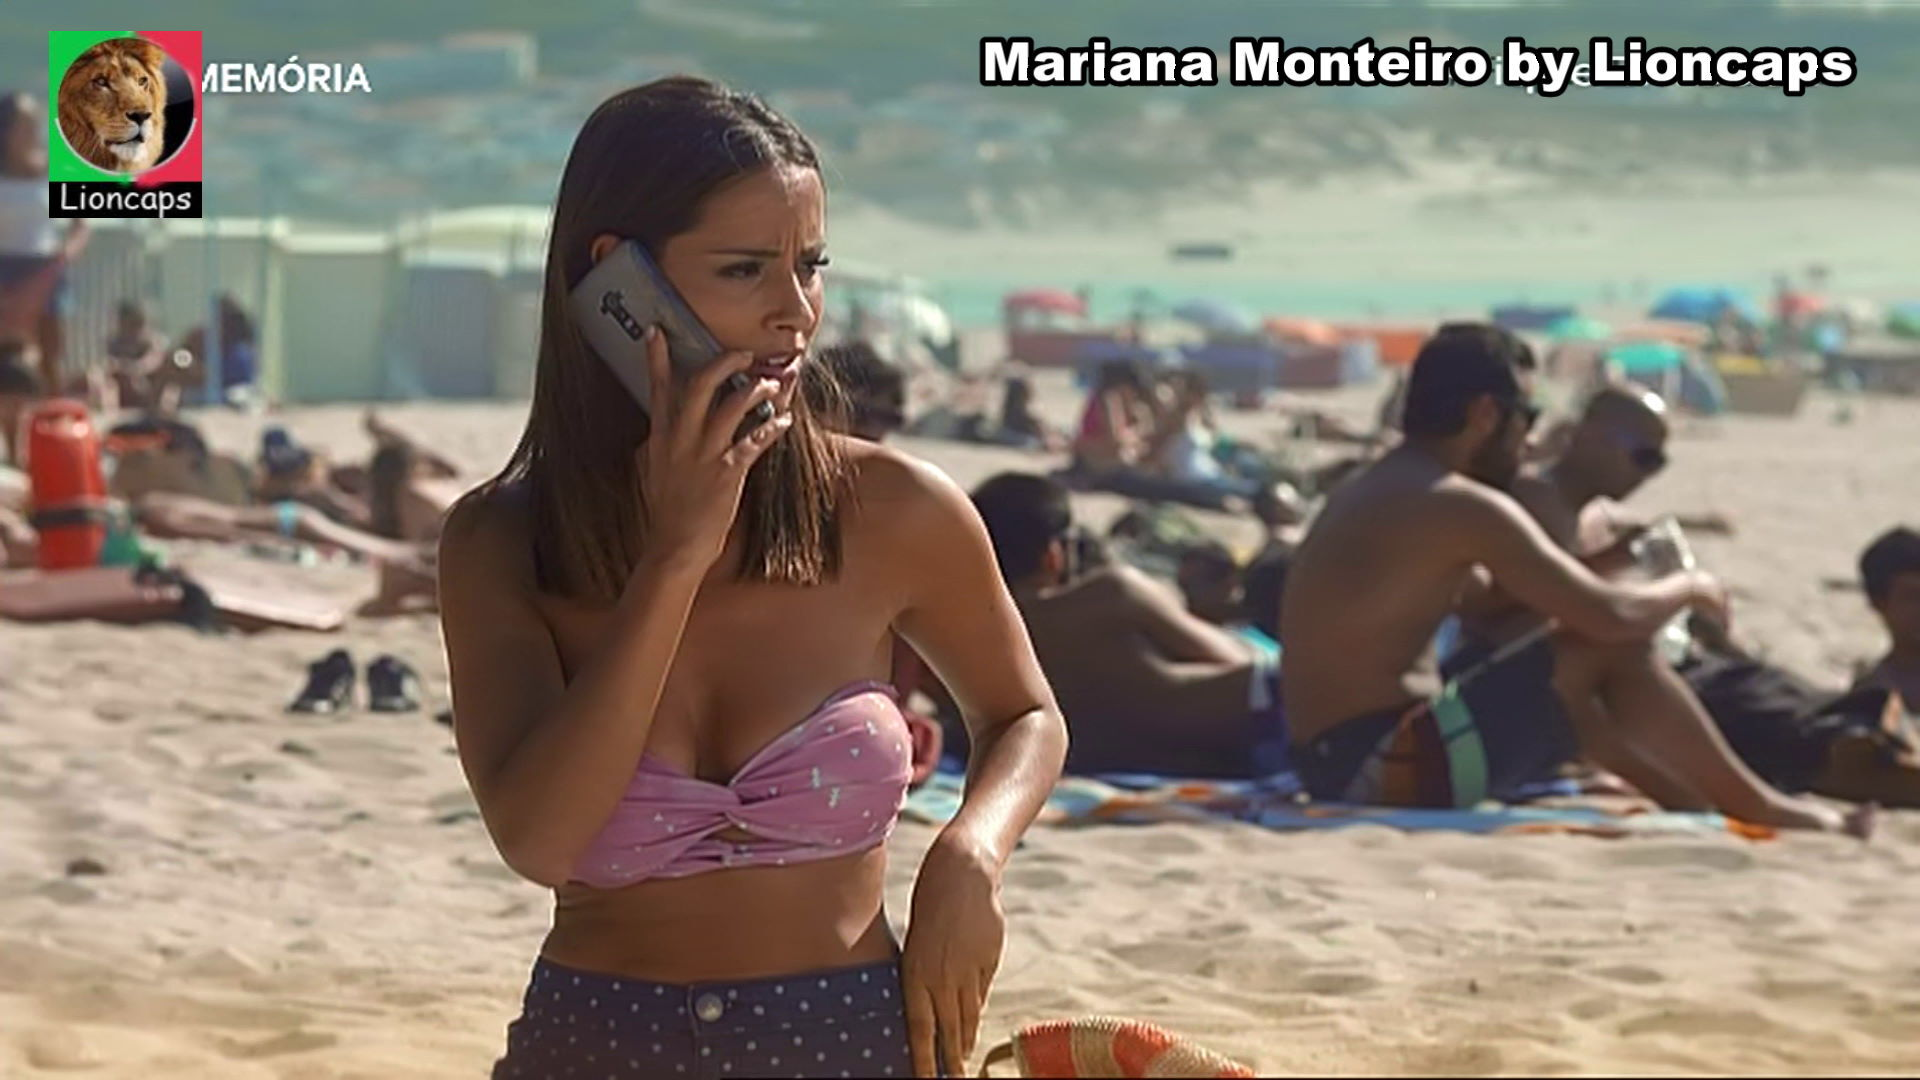 mariana_monteiro_vs200604-076 (5).JPG